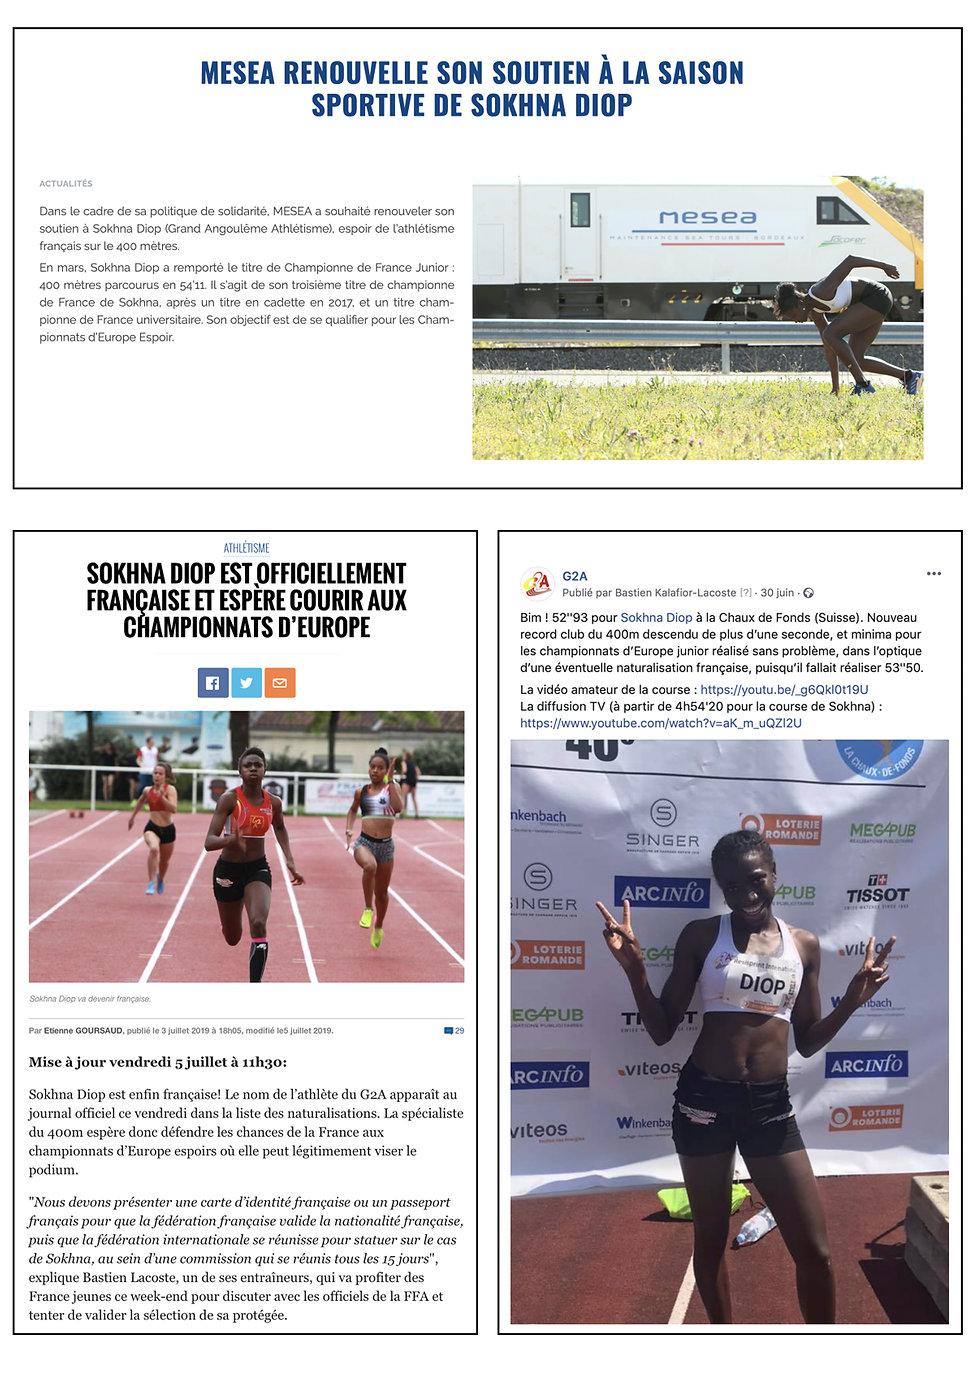 article presse 3.jpg